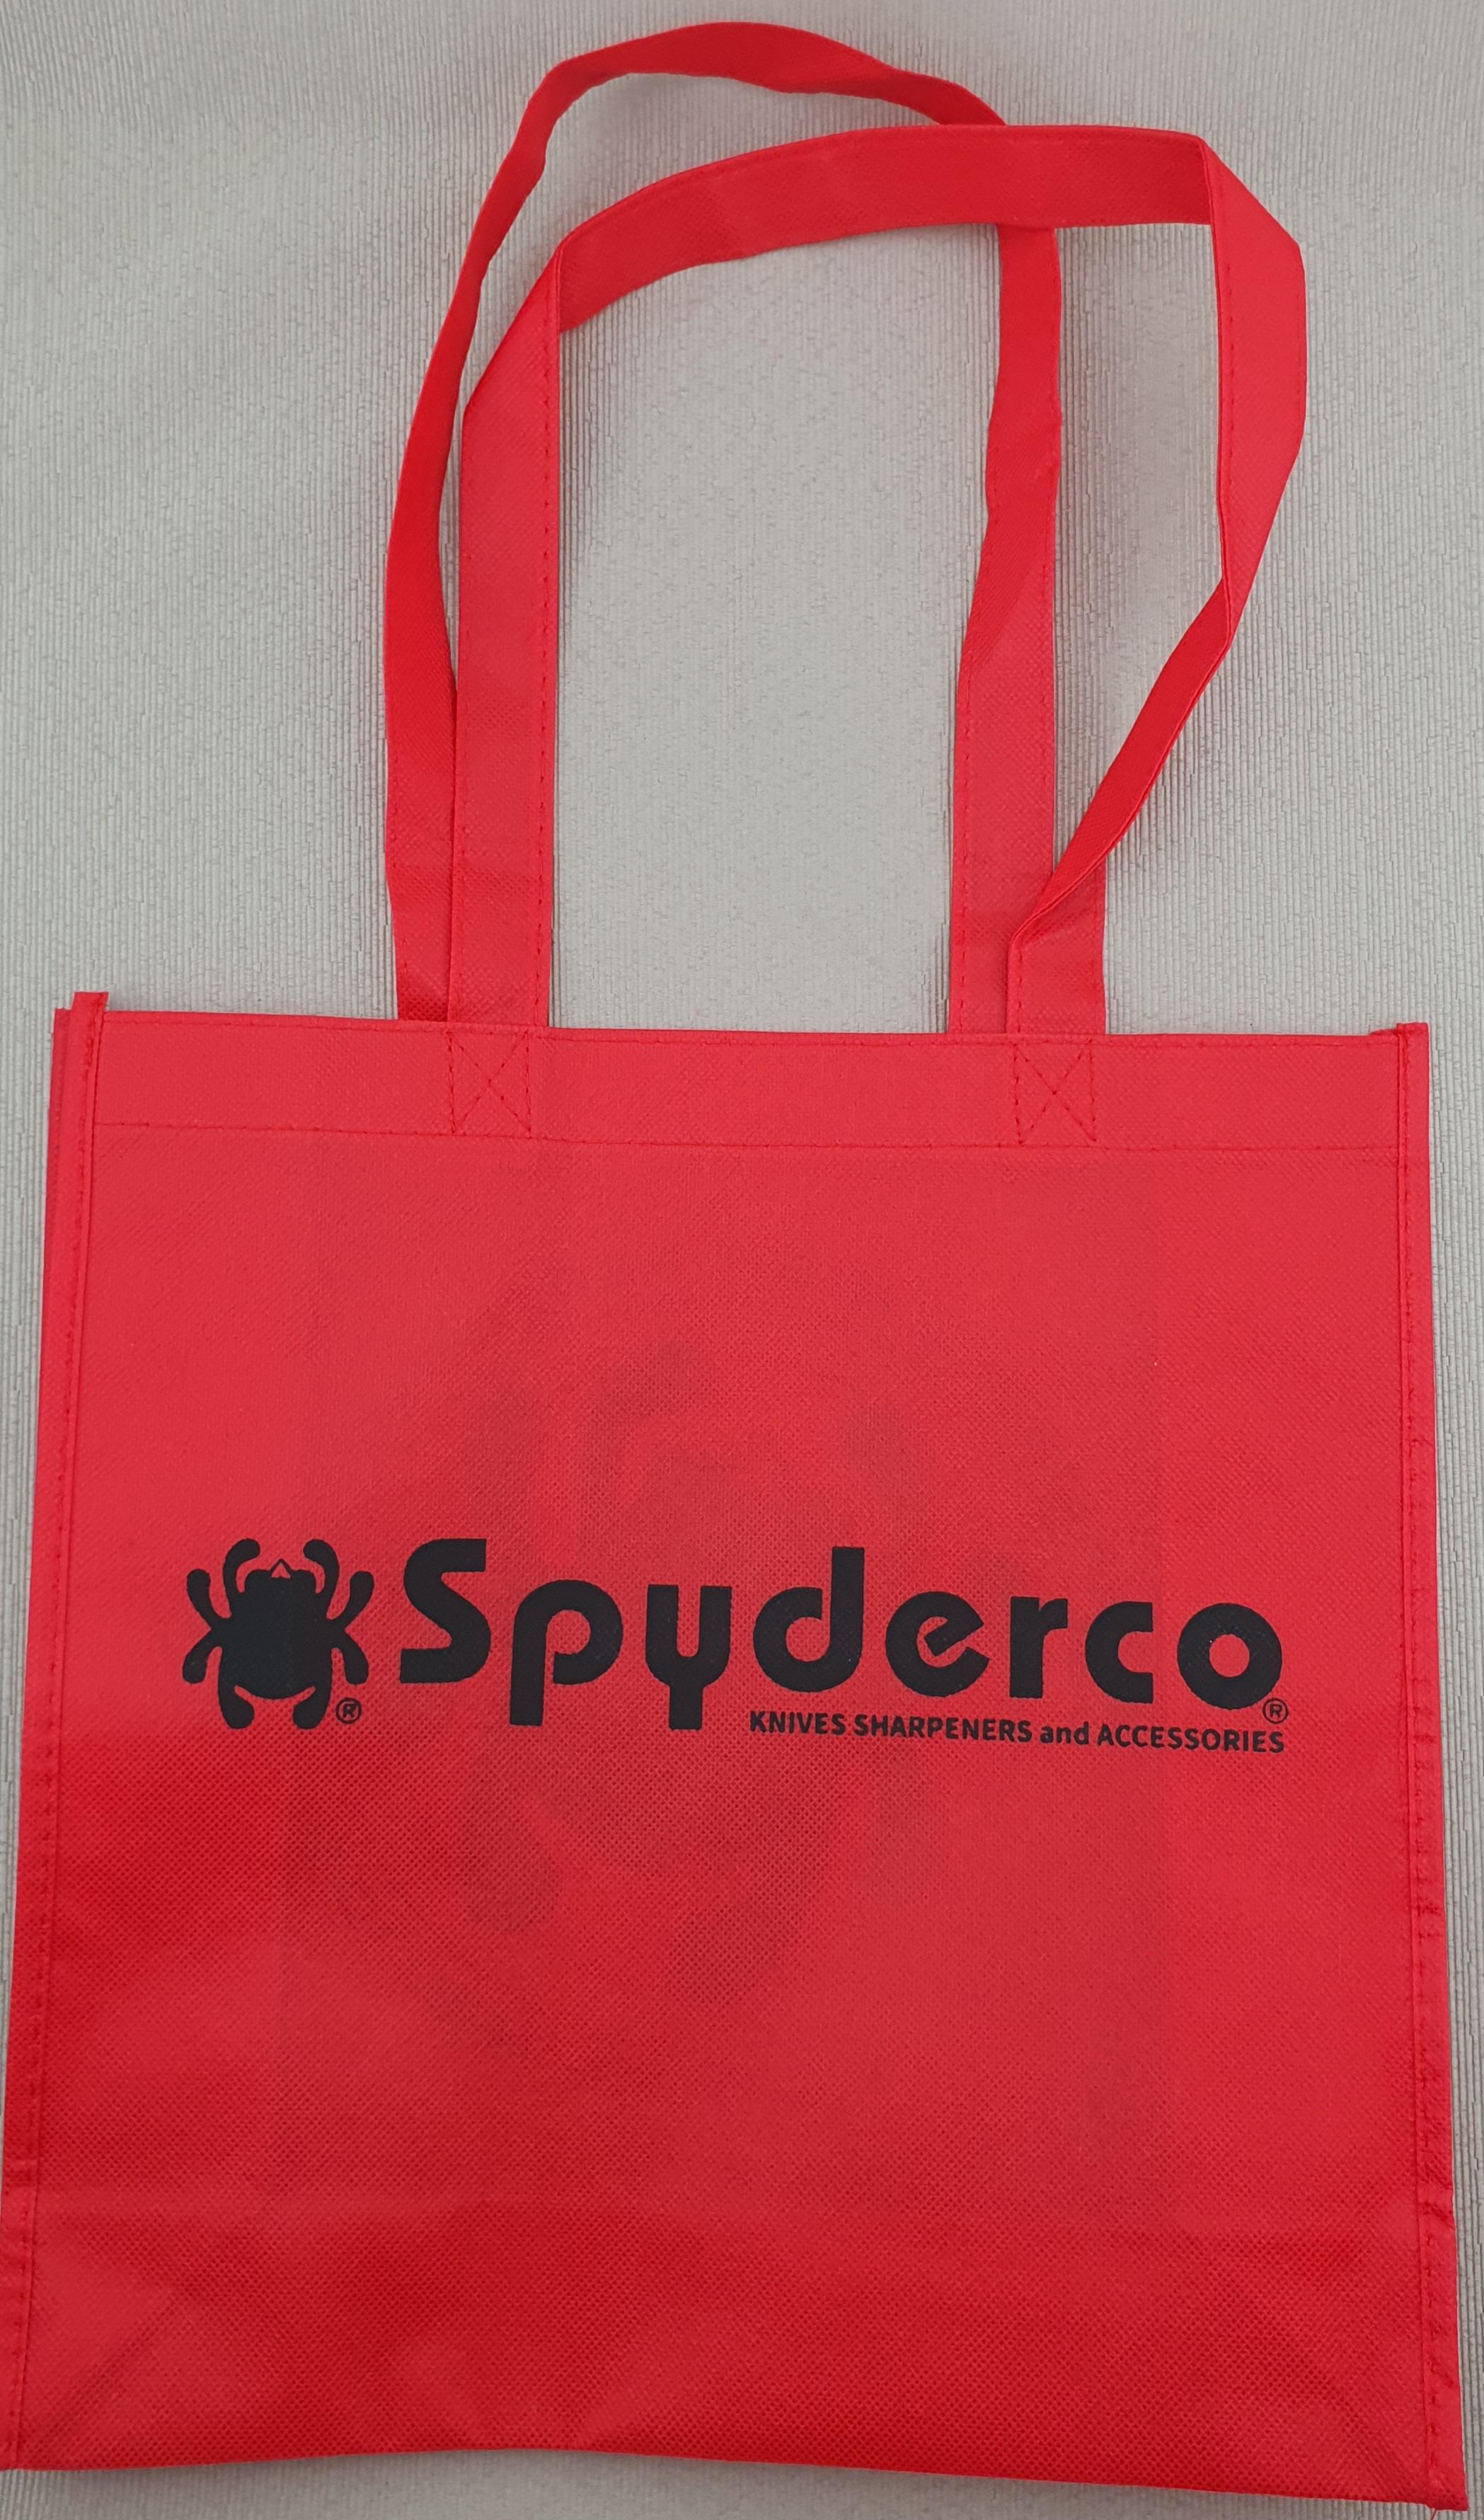 Spyderco 2020 bag front